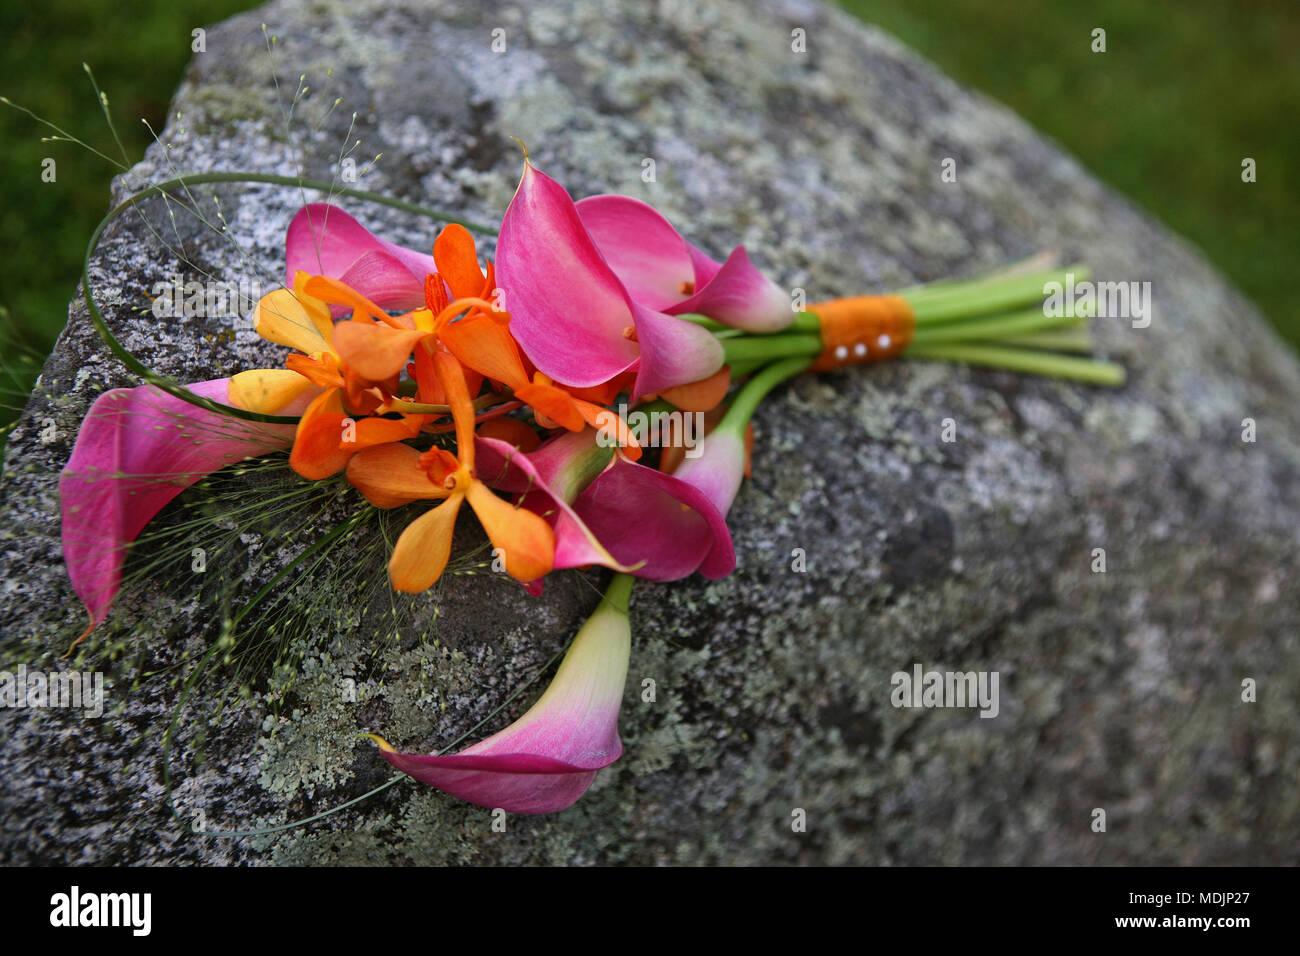 Schöne rosa Lilien Festlegung auf einen großen Stein Stockbild